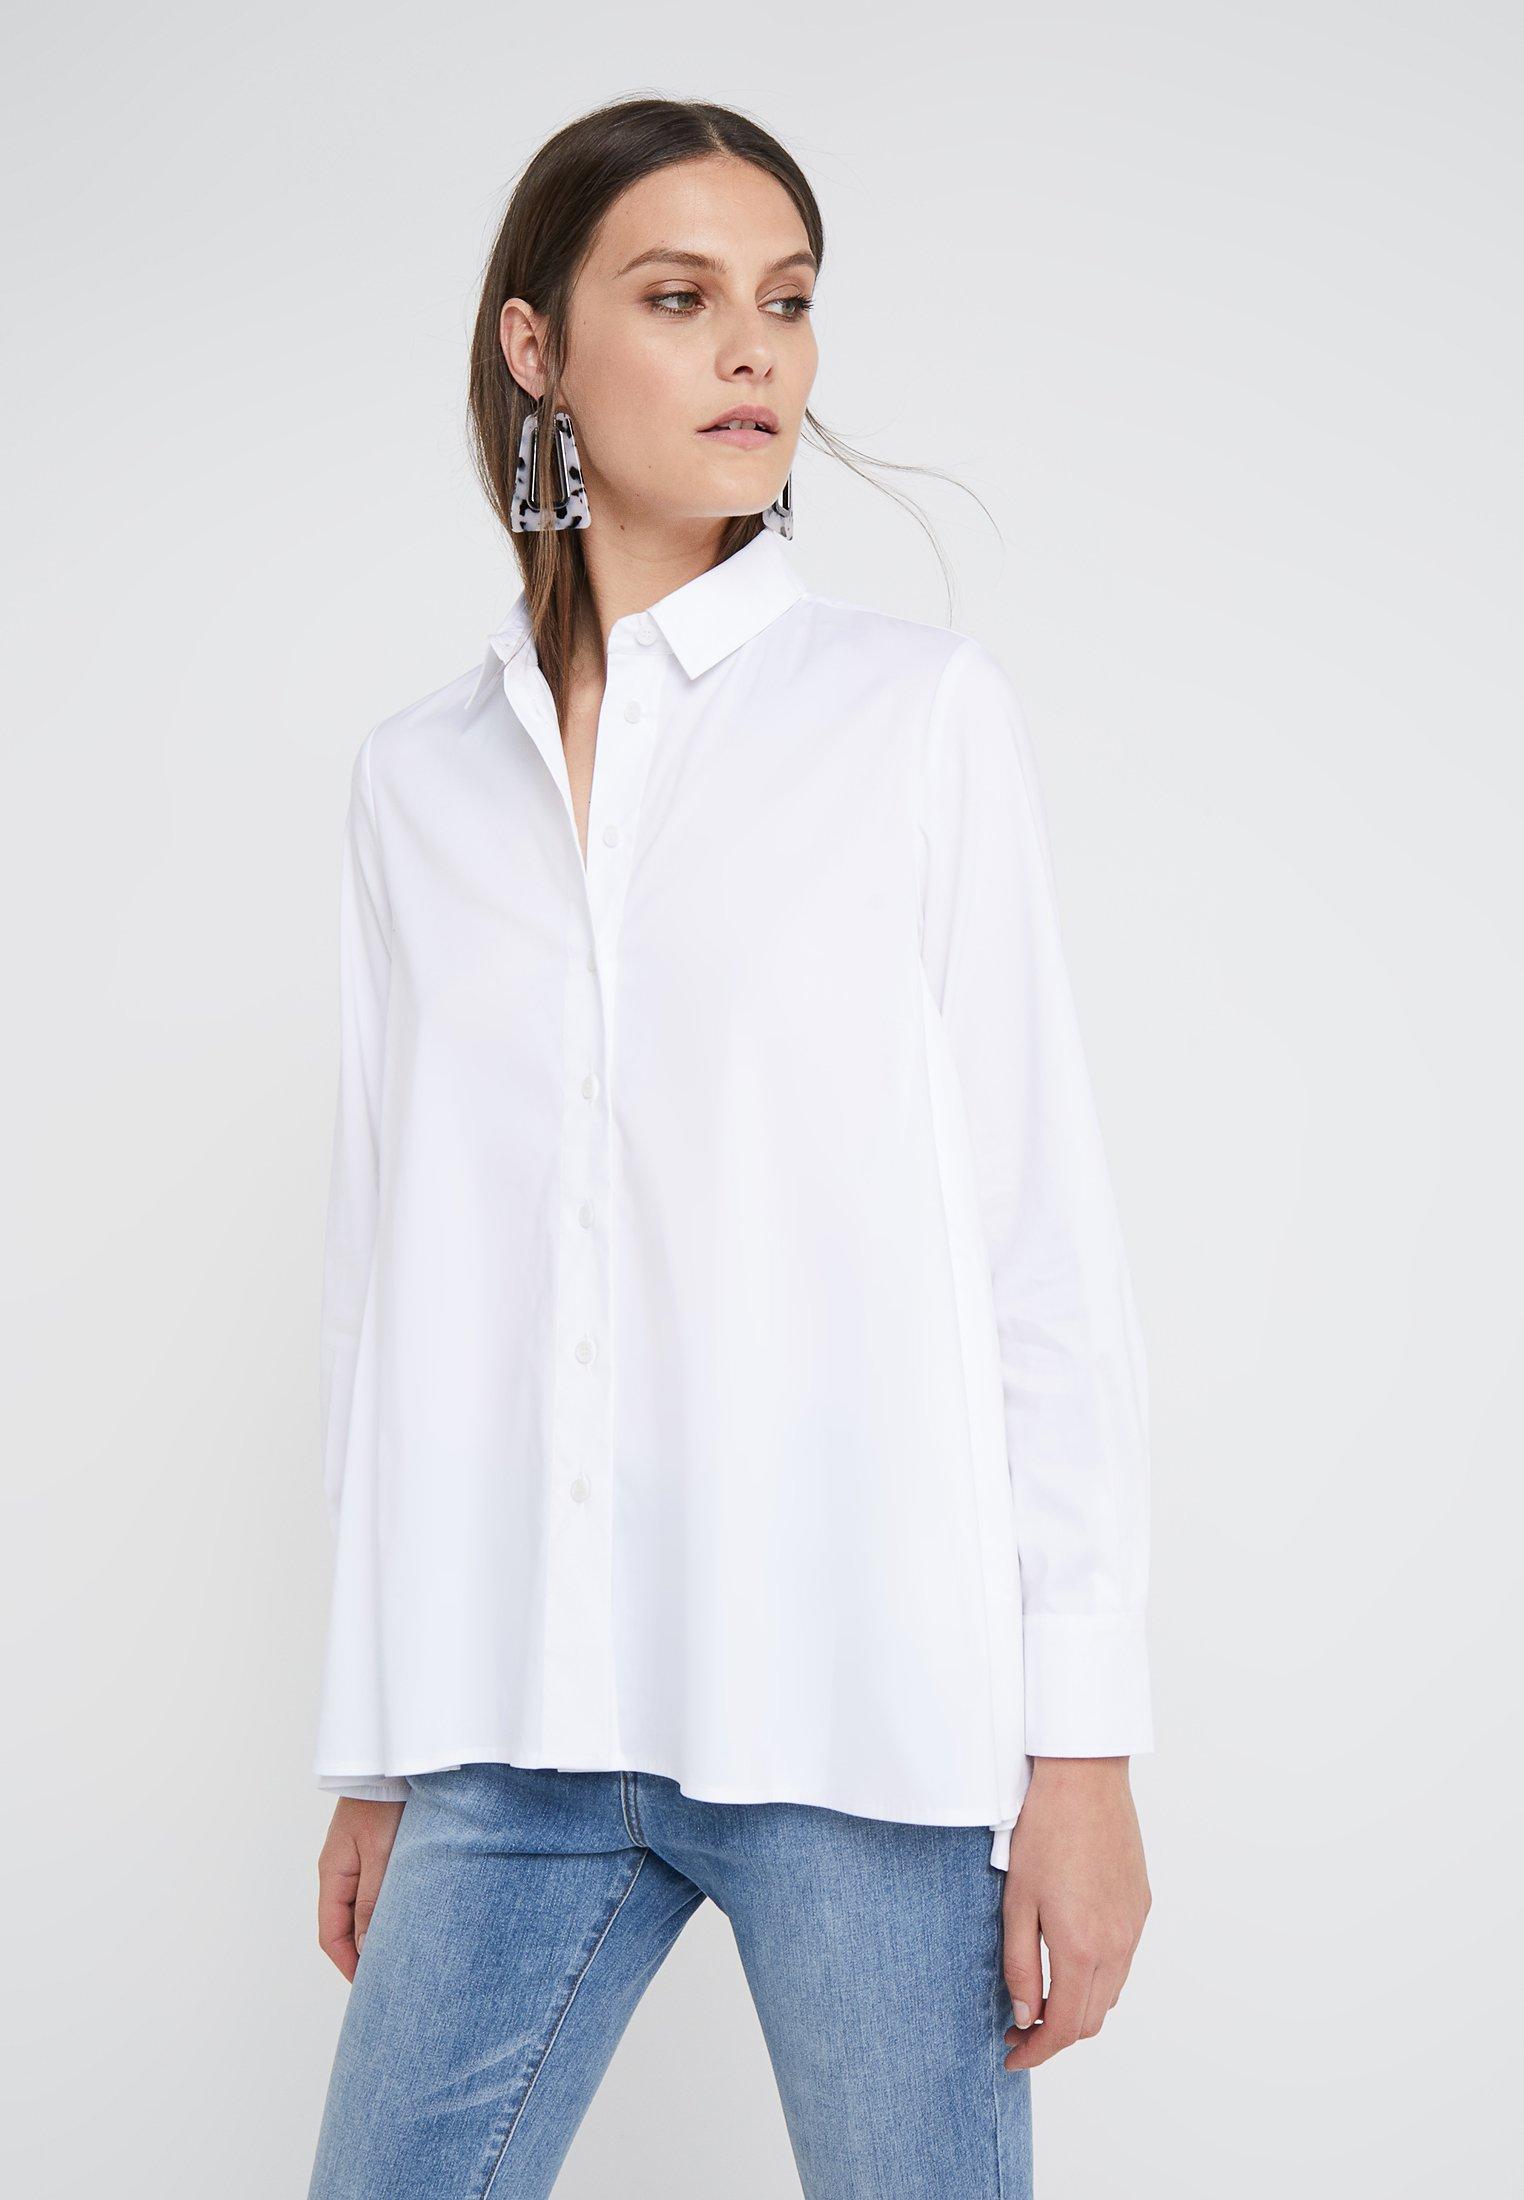 Essential Fashion Schraut White Steffen BlouseChemisier cA354SRjLq